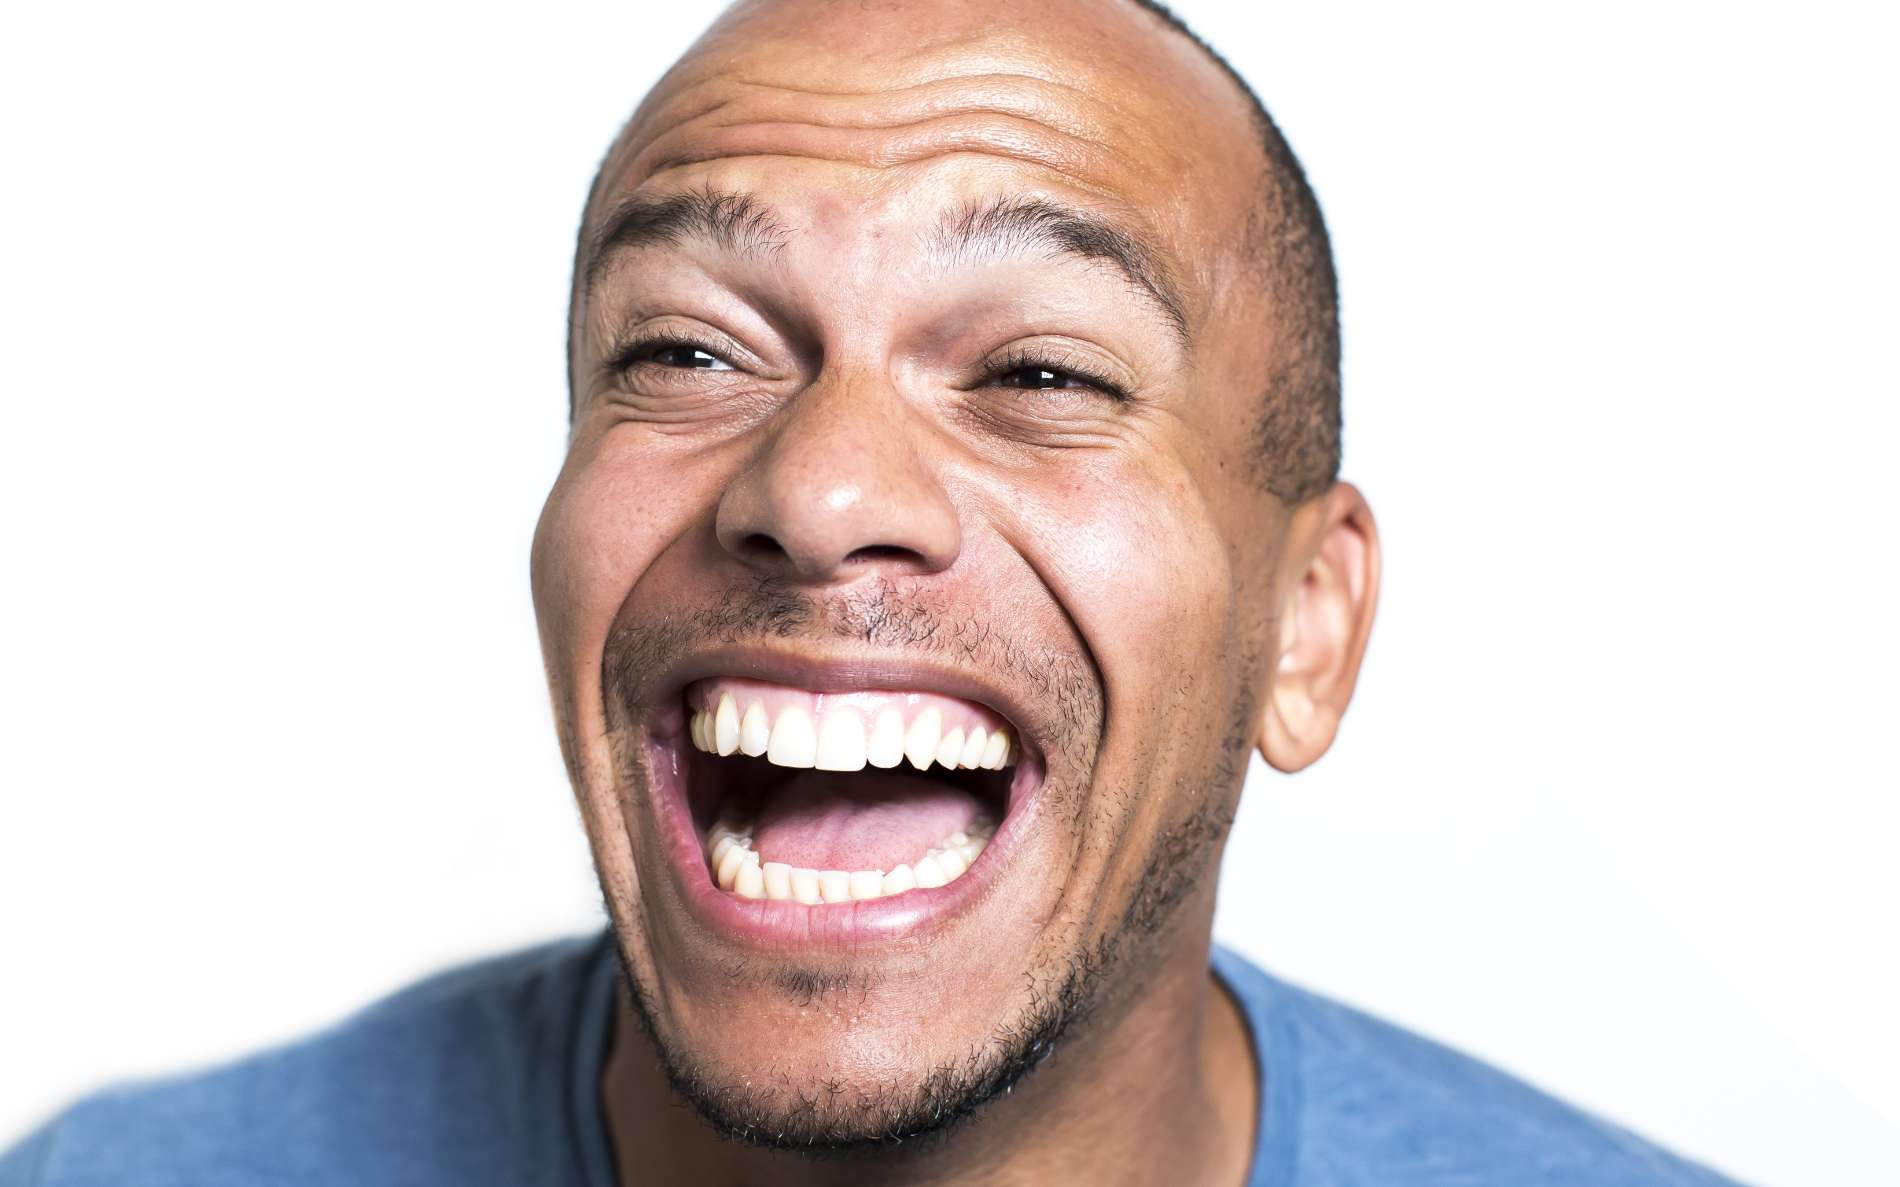 Pourquoi le gaz hilarant fait-il rire ? © icsnaps, Futura